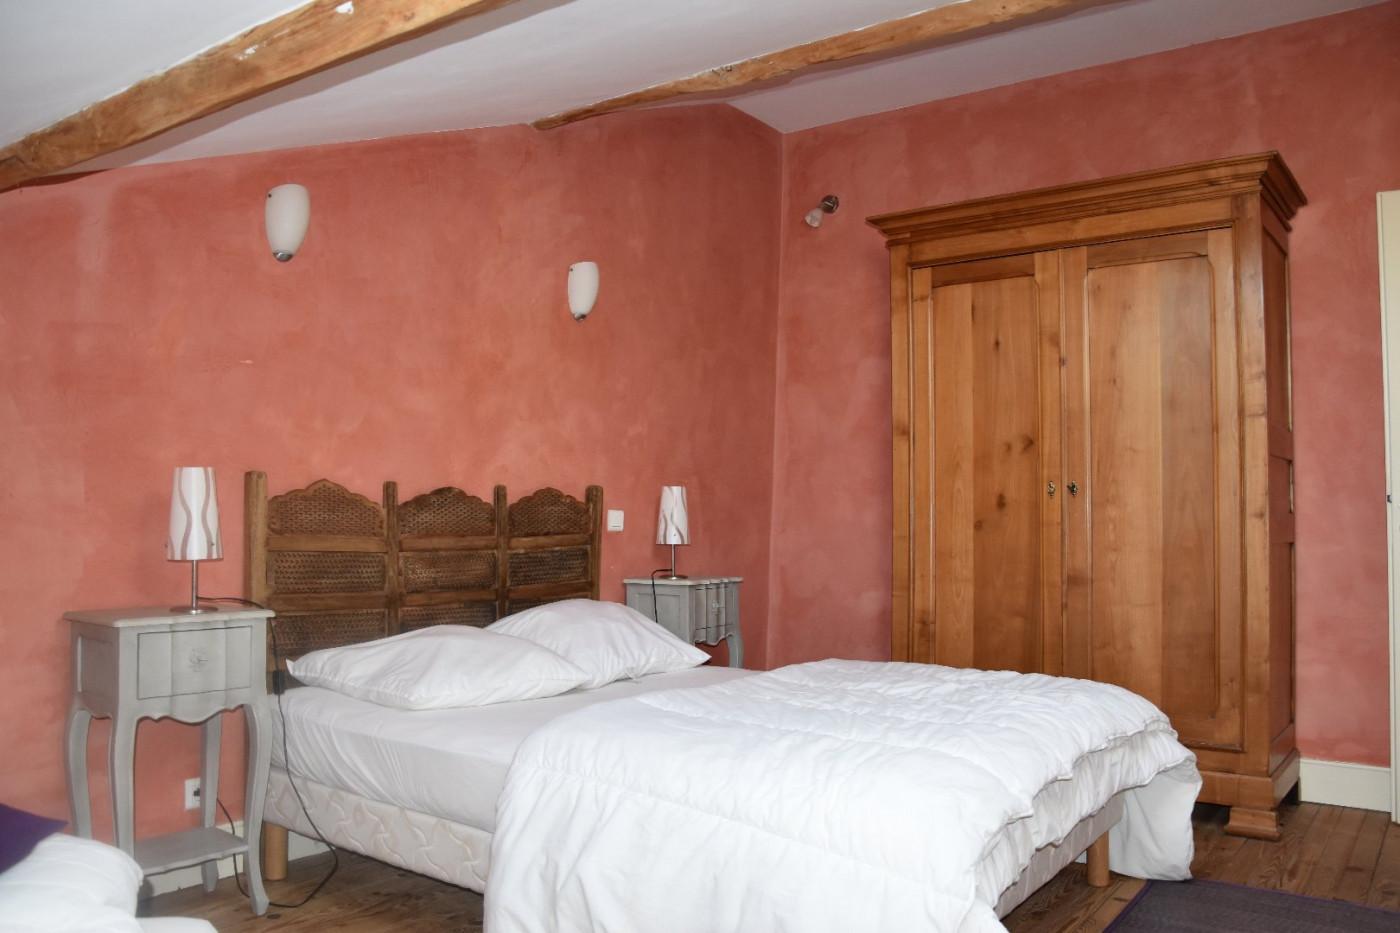 A vendre  L'isle-jourdain | Réf 320072228 - L'occitane immobilier